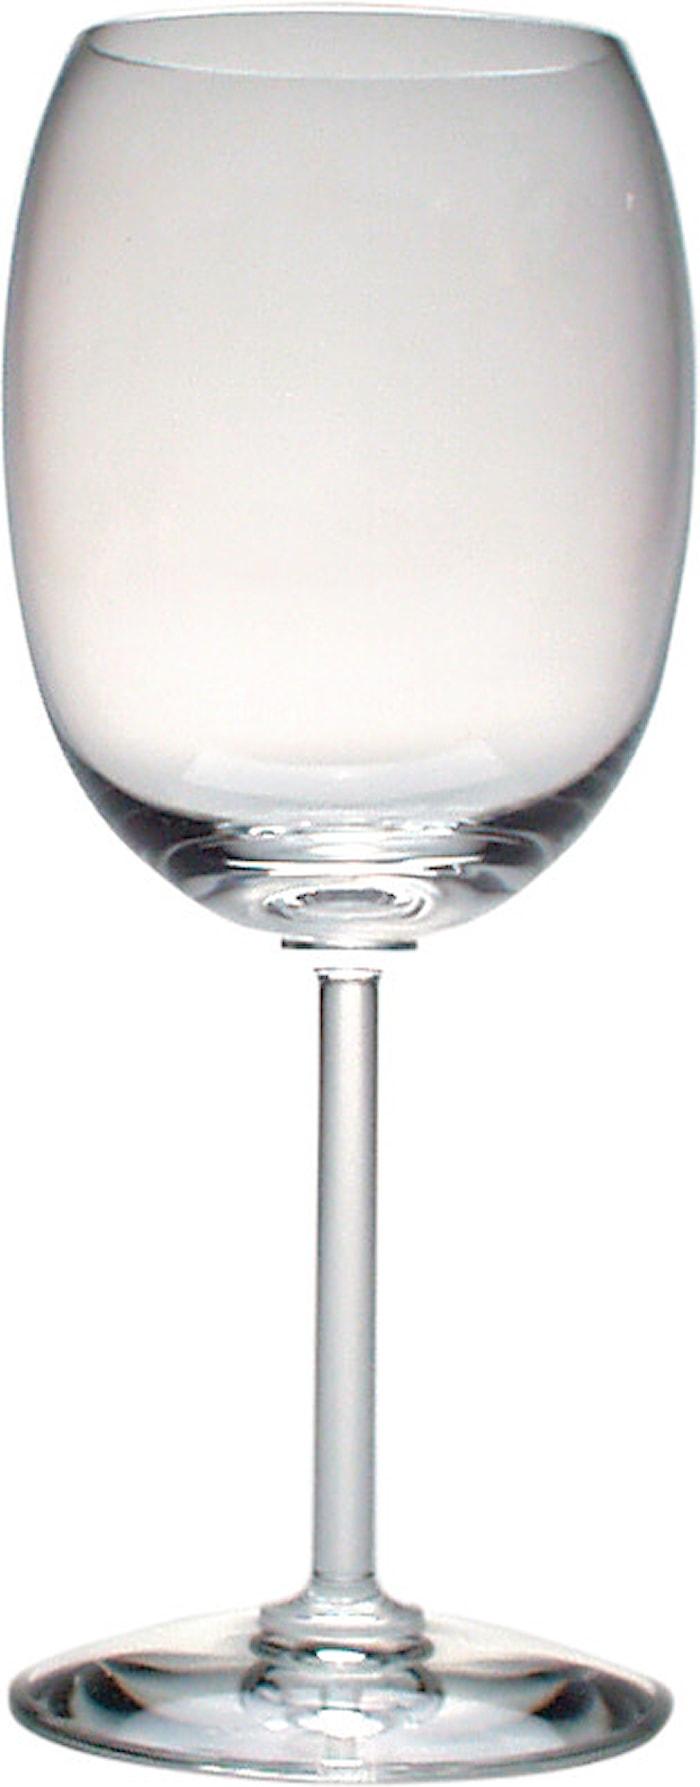 Mami Hvidvinsglas